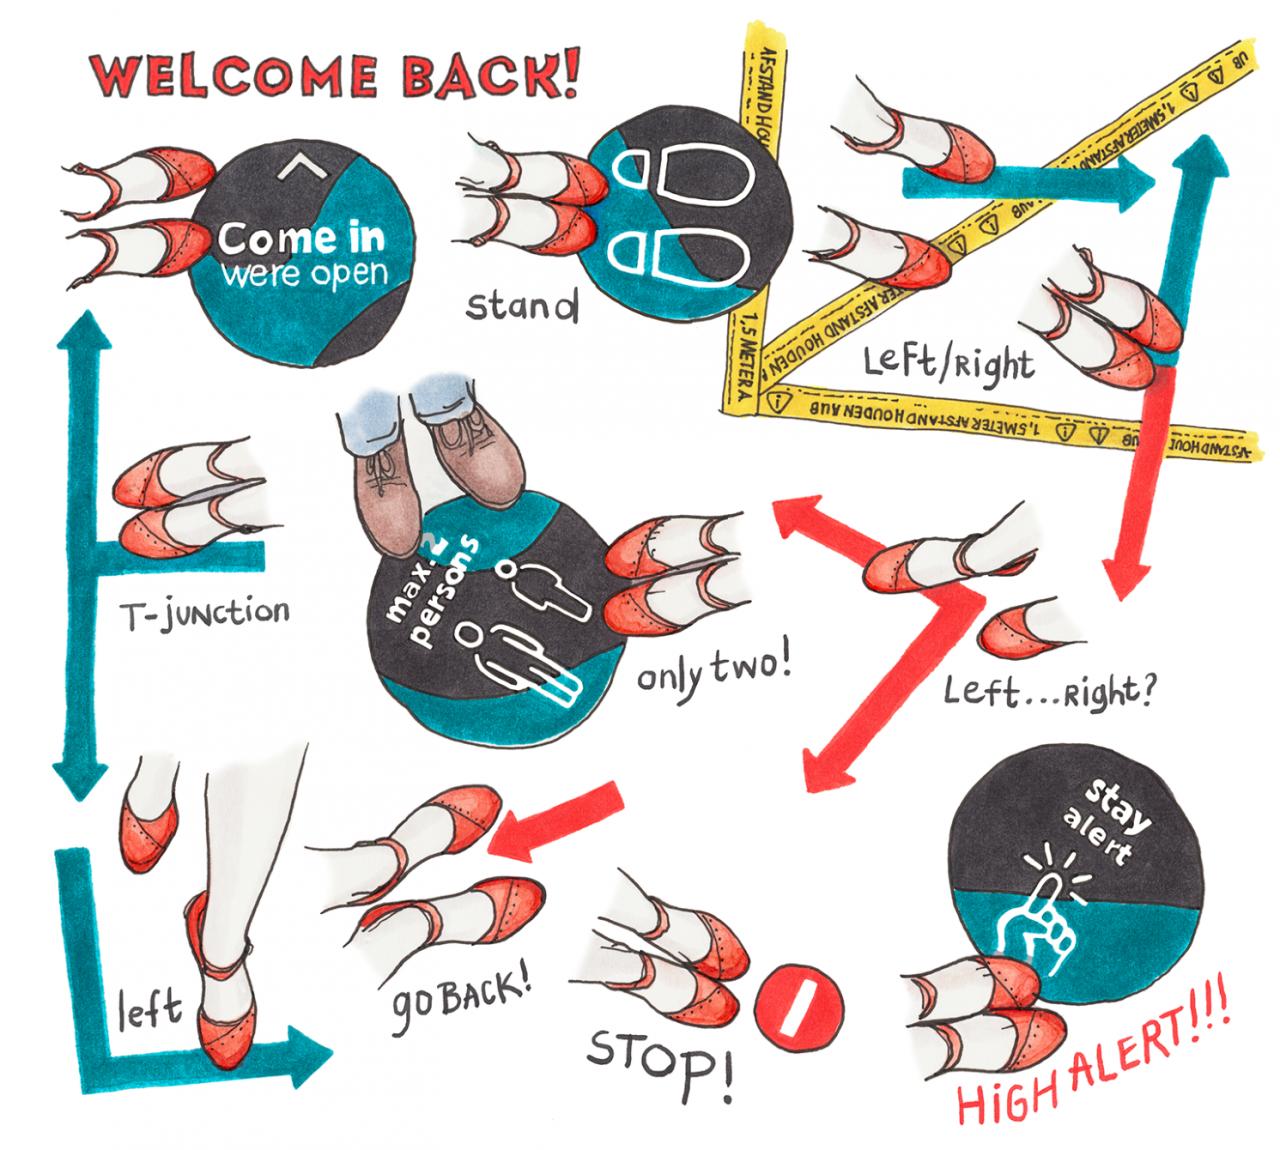 left-right-stop-stay-alert-welkom-terug-op-de-anderhalvemeteruniversiteit-ikrotterdam